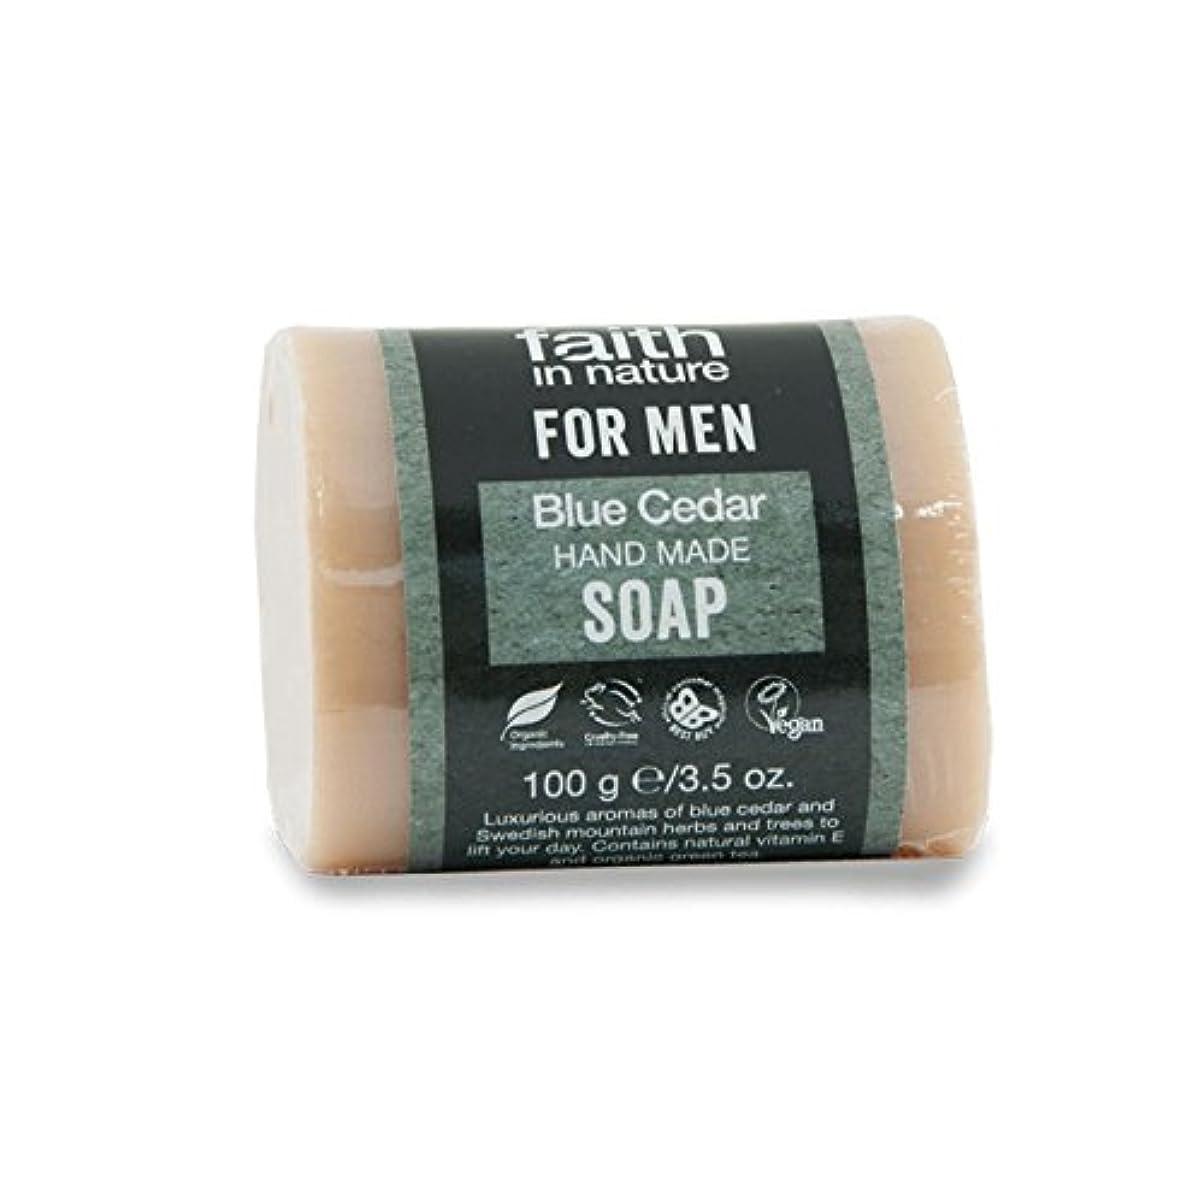 自分の雨プレビスサイトFaith in Nature for Men Blue Cedar Soap 100g (Pack of 6) - 男性青杉の石鹸100グラムのための自然の中で信仰 (x6) [並行輸入品]